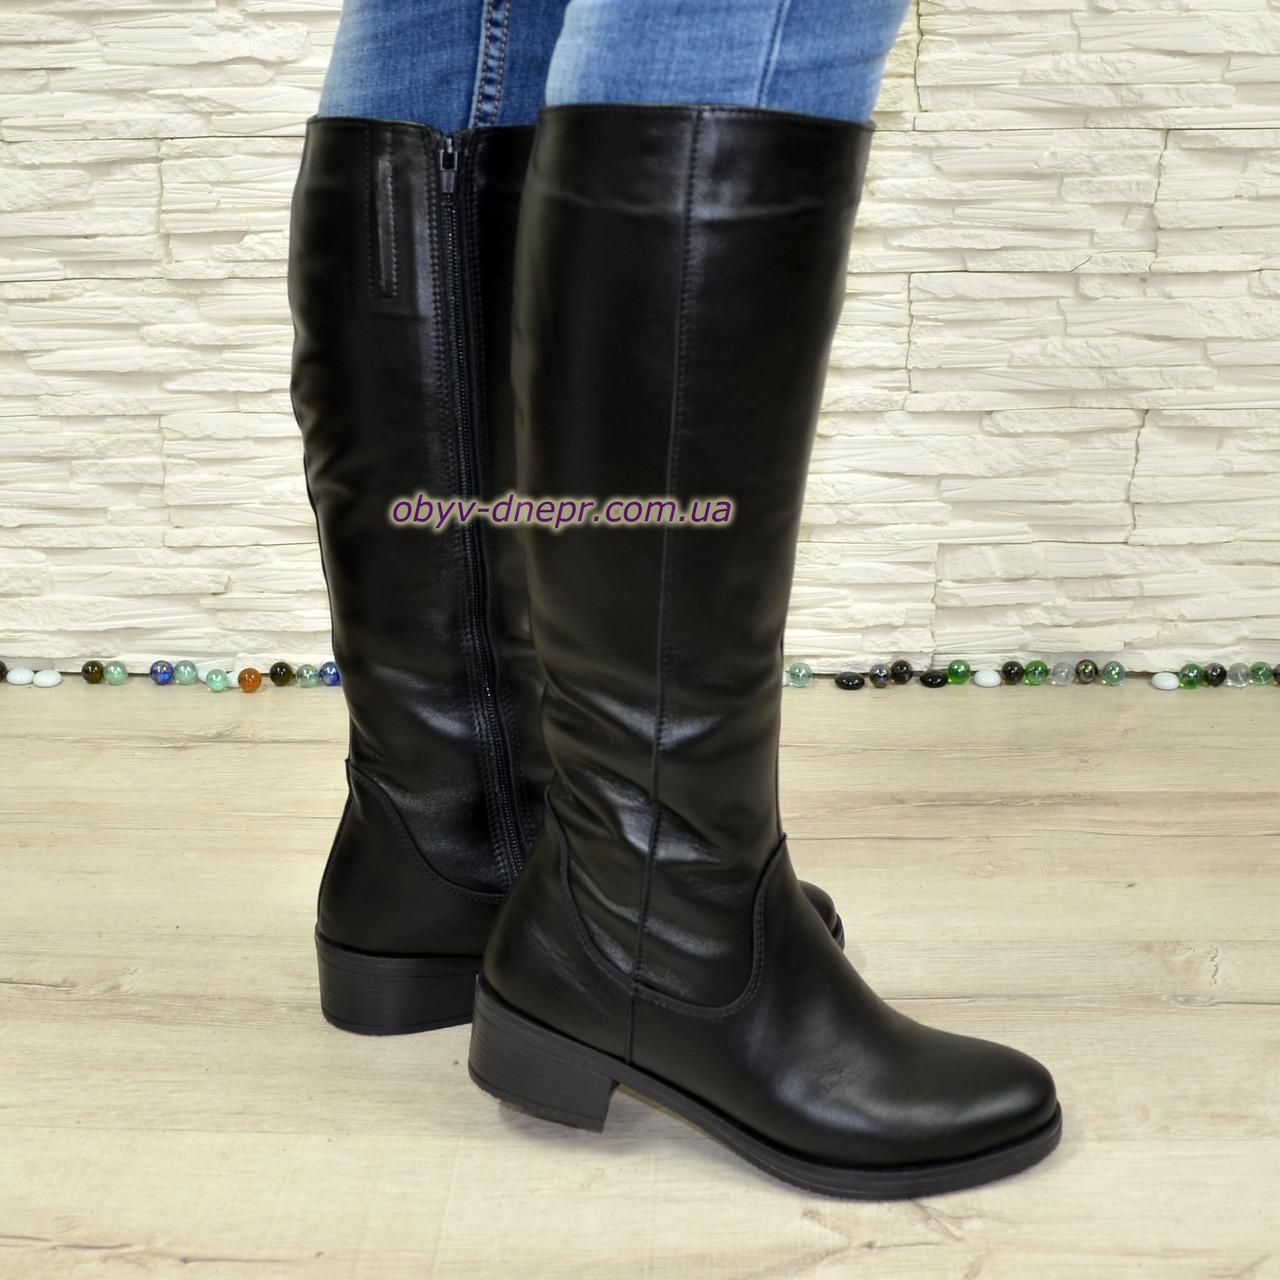 Сапоги кожаные женские зимние на невысоком каблуке